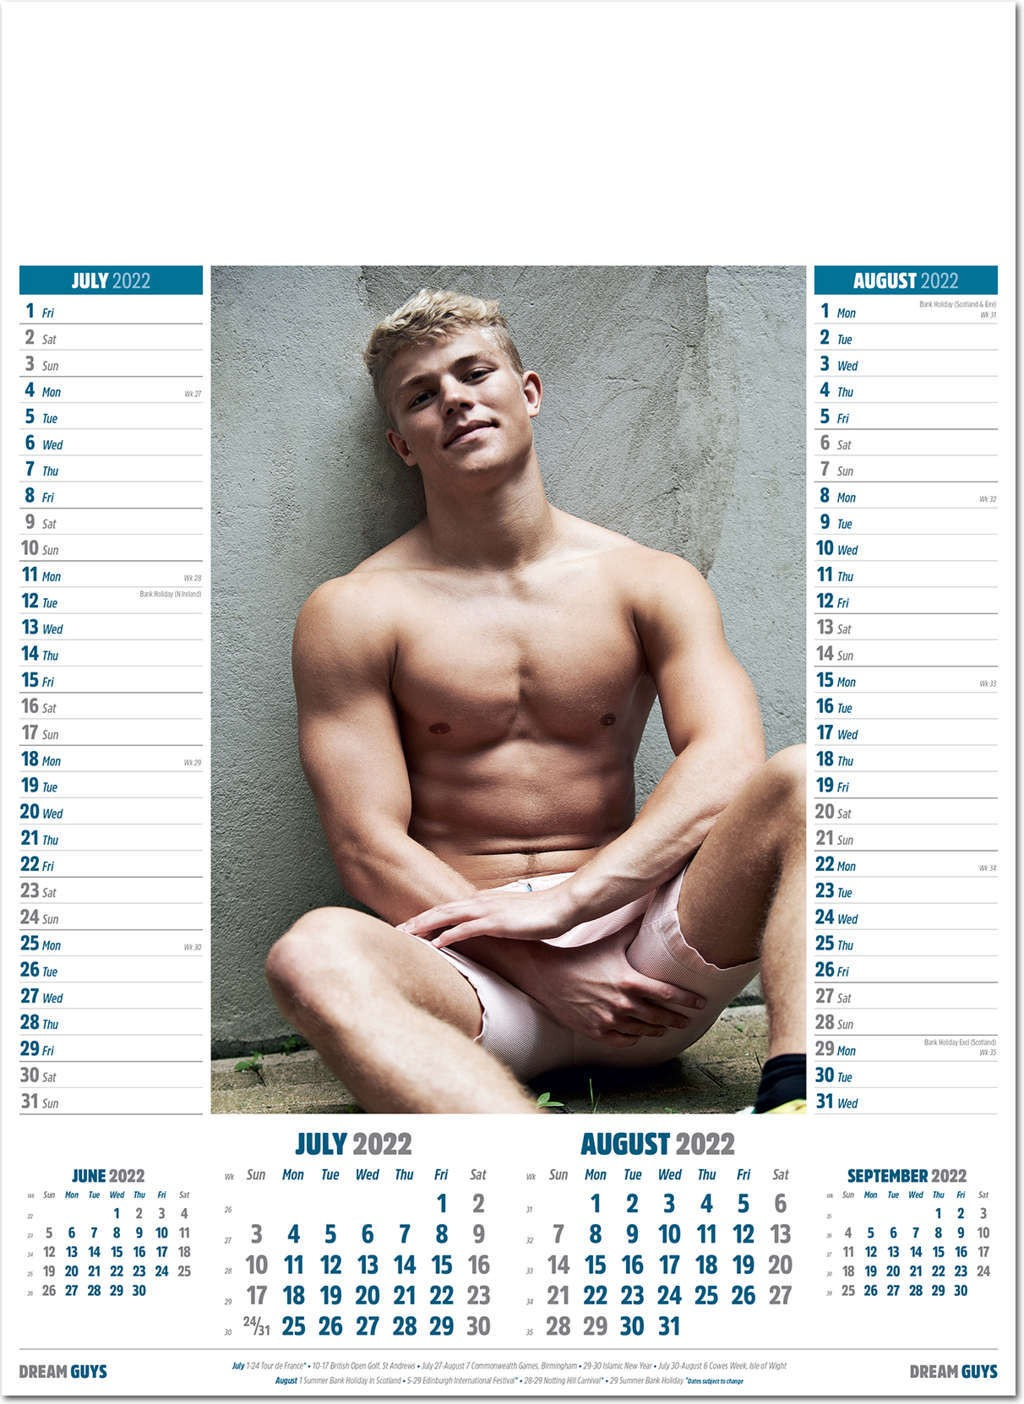 April clough nude